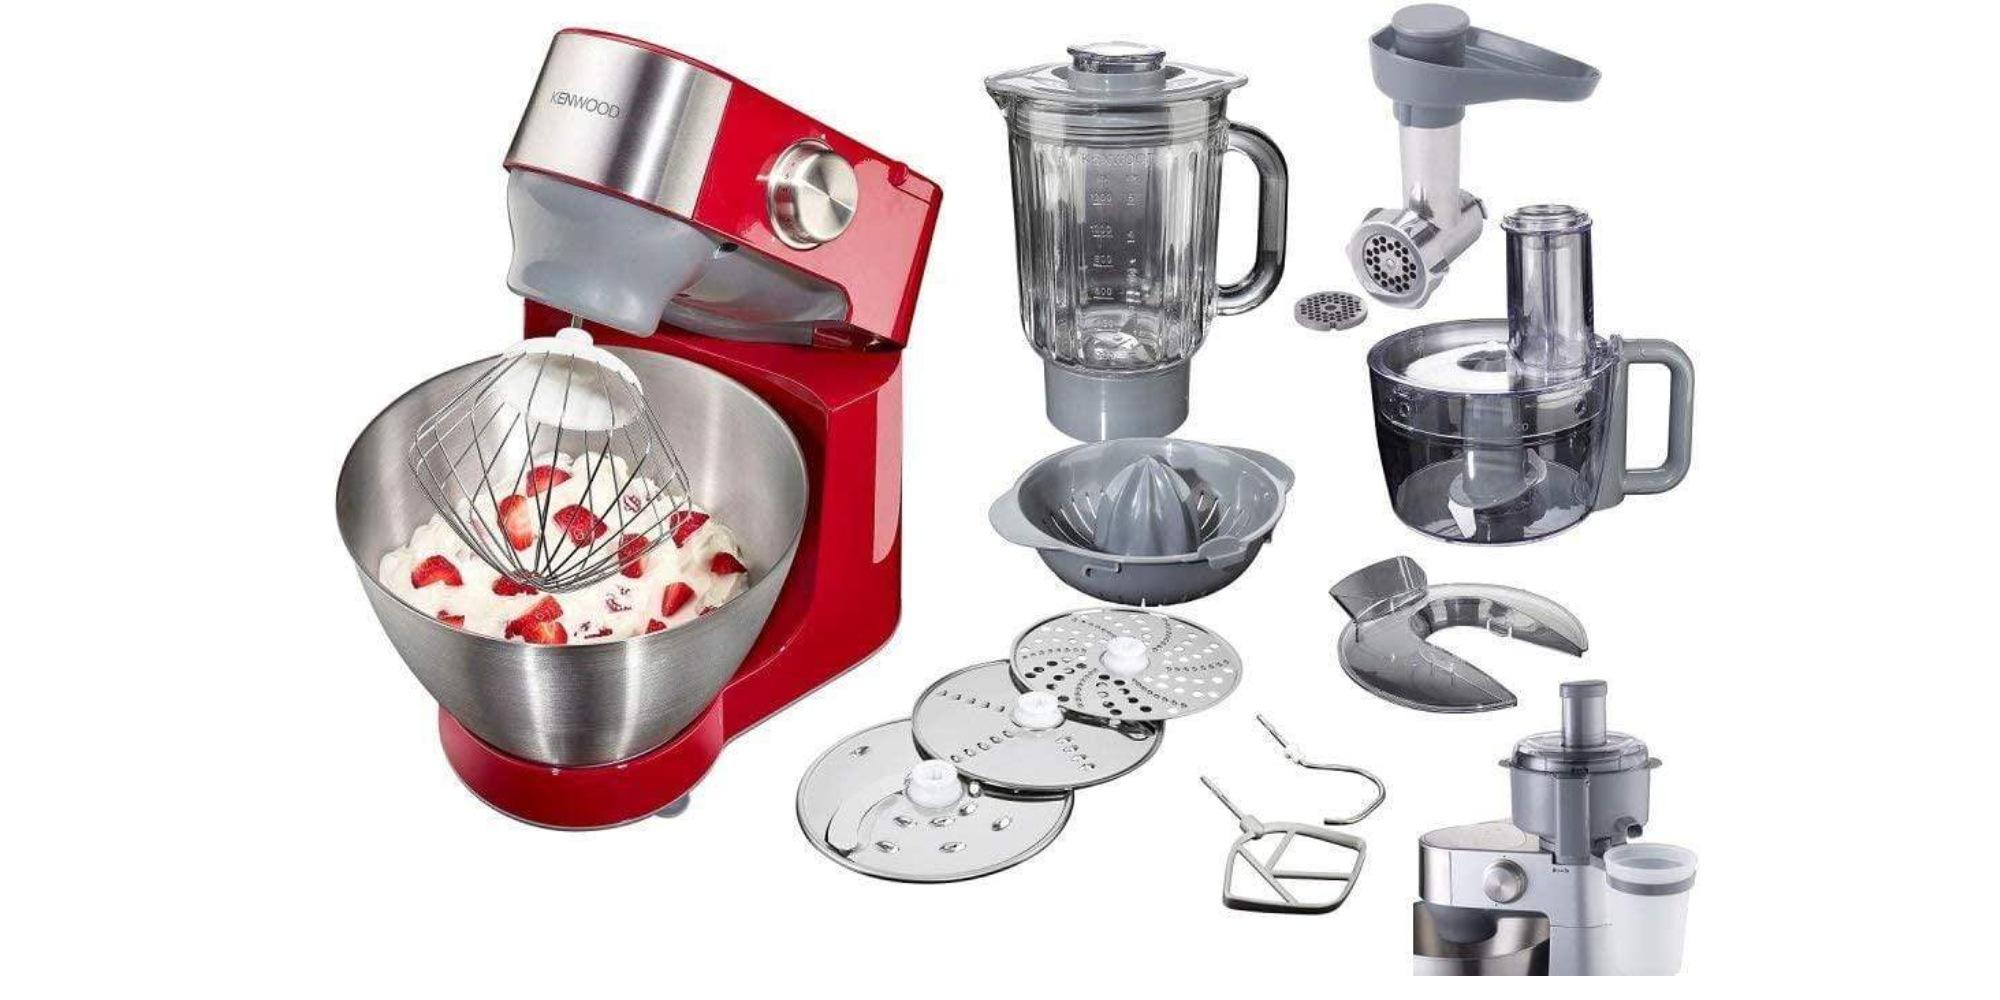 ماكينة مطبخ بروسبيرو